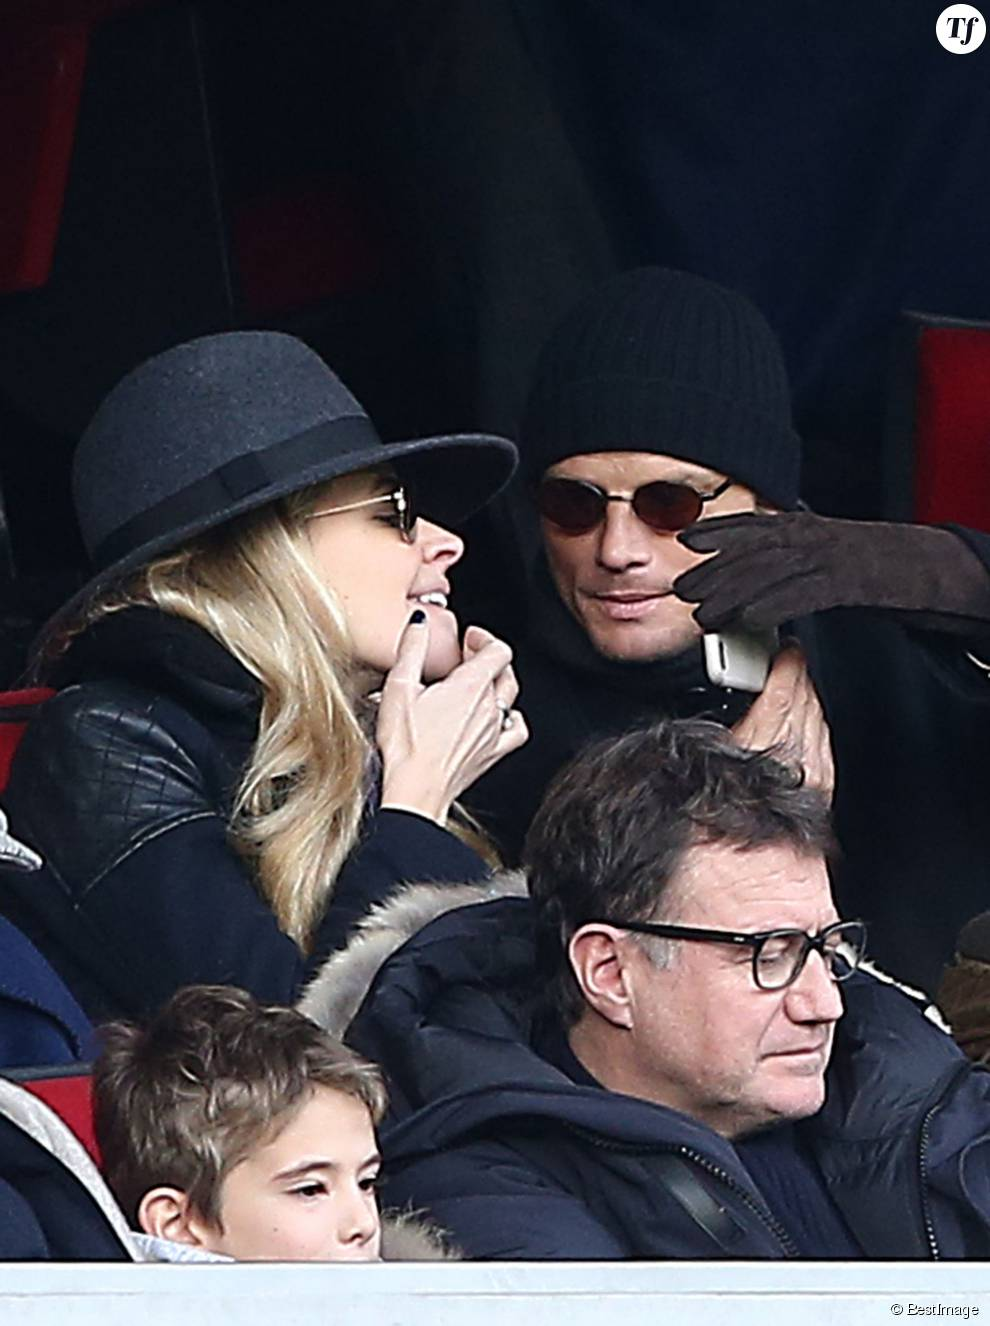 Arnaud Lemaire en compagnie de Carine Galli (Journaliste/Présentatrice sportive) - People au match de de la ligue 1 entre le PSG et Evian au Parc des Princes à Paris le 18 janvier 2015.